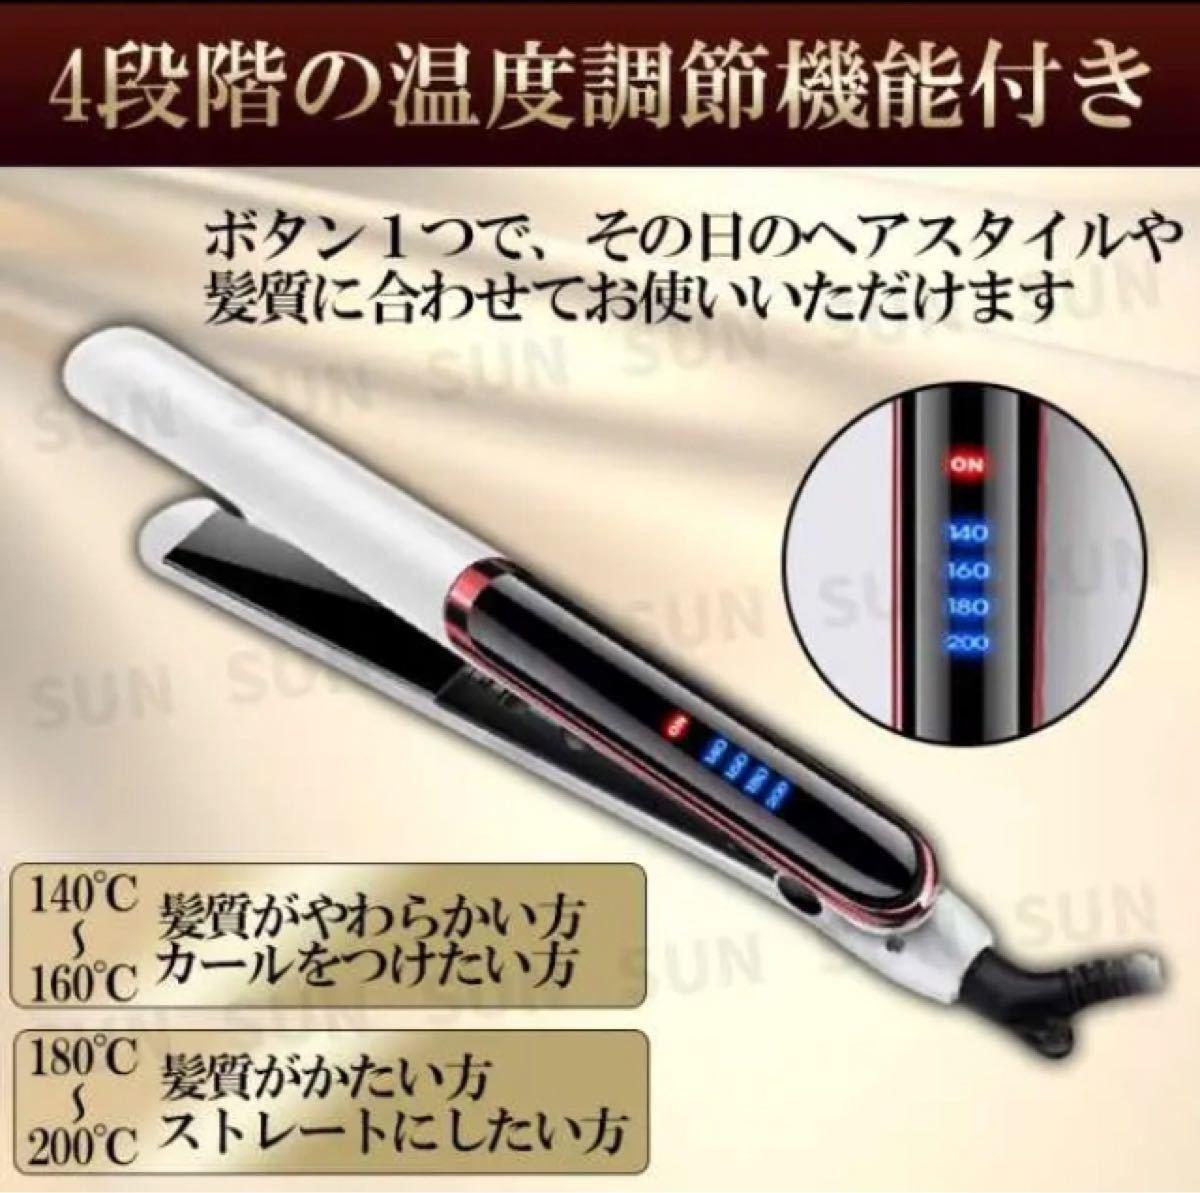 【新品未使用】ヘアアイロン ストレート カールアイロン 2WAY  最大200度 マイナスイオン 簡単 黒 ブラック